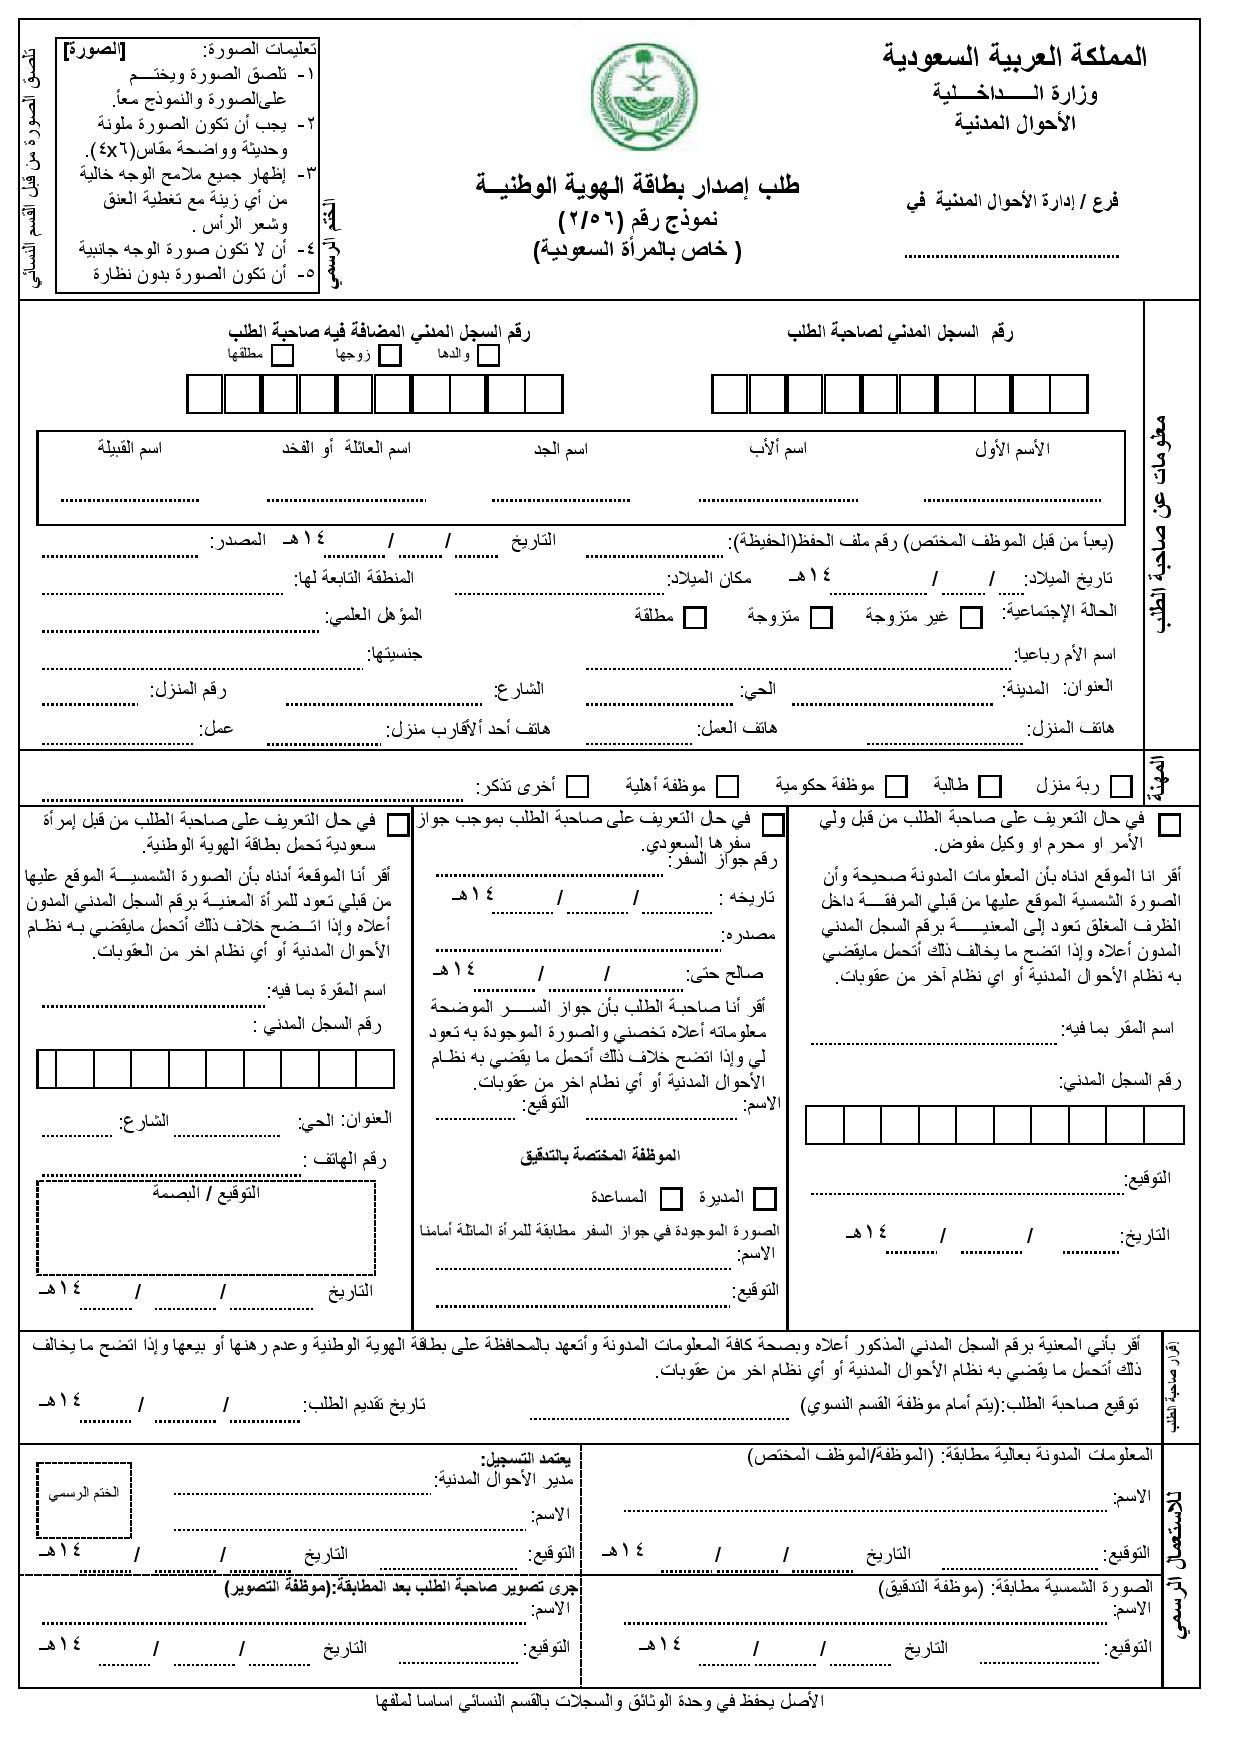 طريقة اصدار بطاقة احوال للنساء وحجز موعد بالاحوال المدنية من ابشر